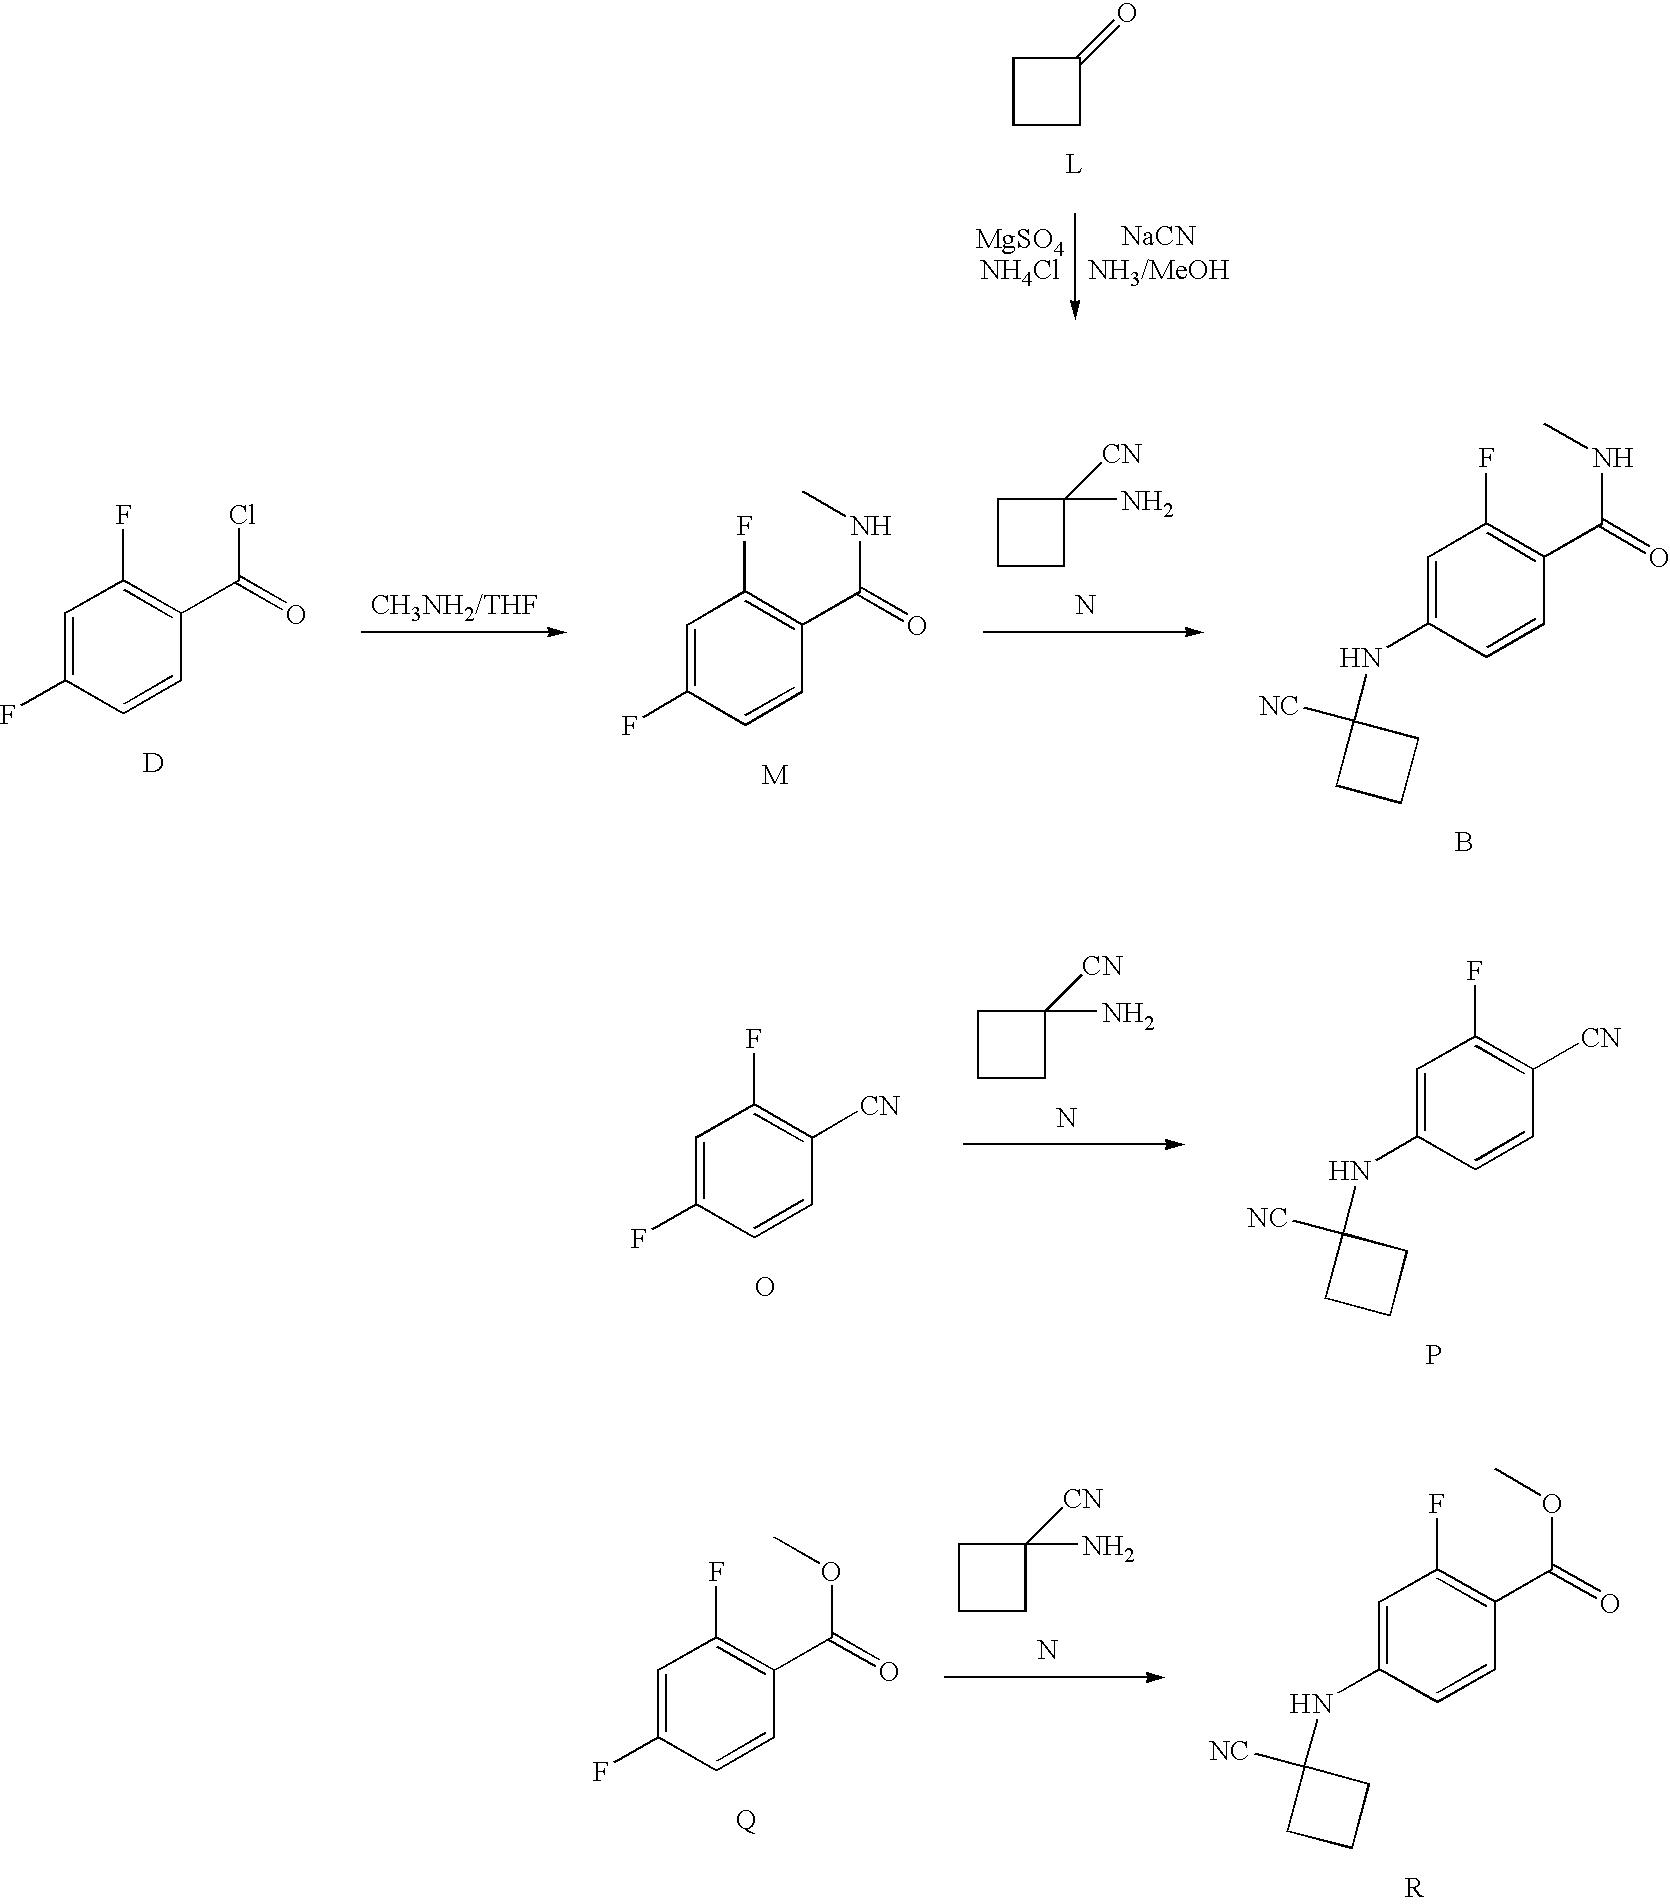 Figure US20100190991A1-20100729-C00066